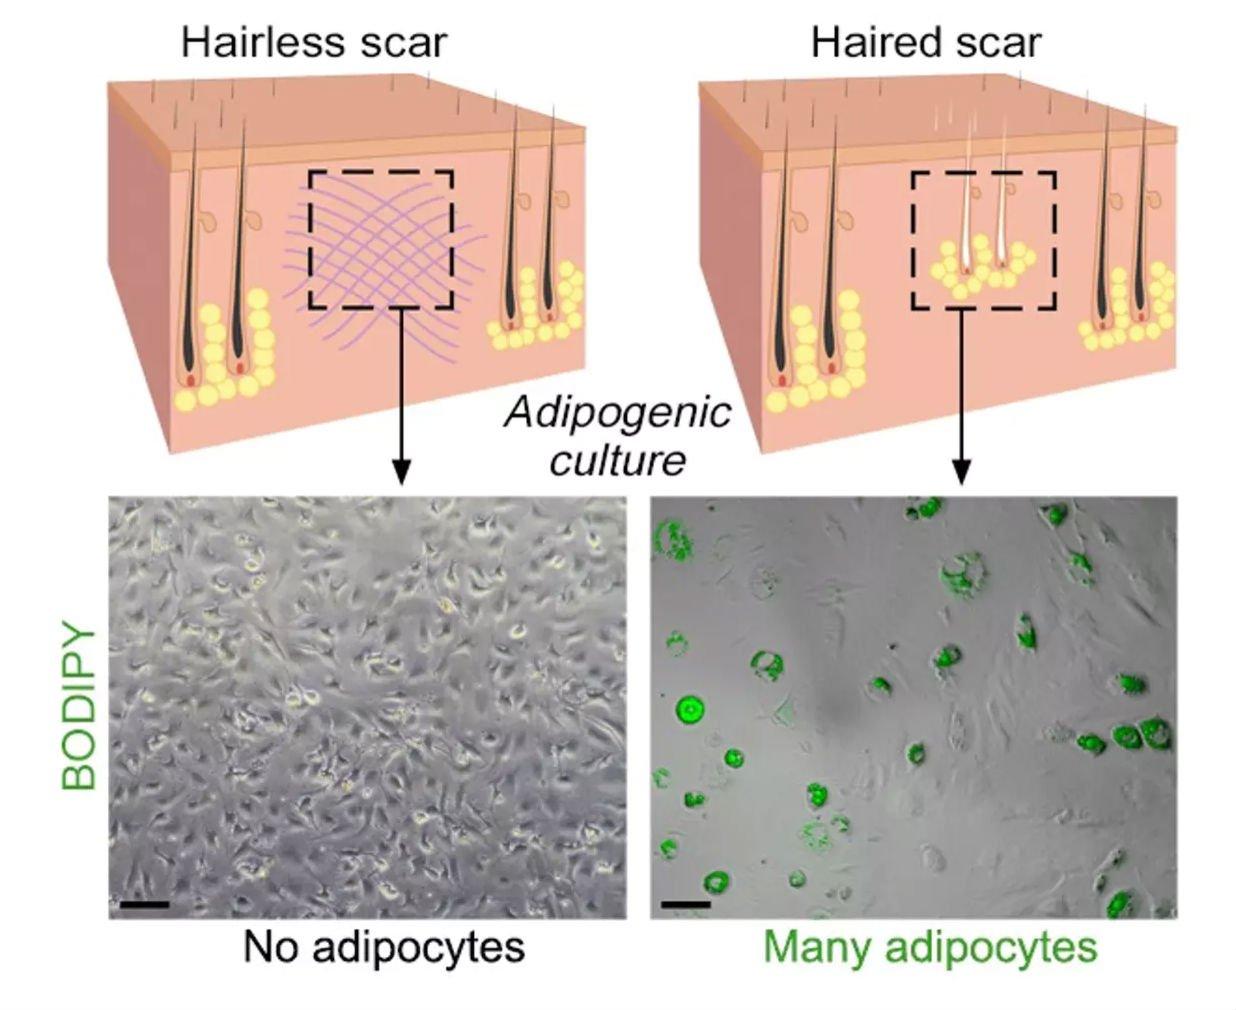 I ricercatori hanno capito come curare le ferite senza lasciare cicatrici